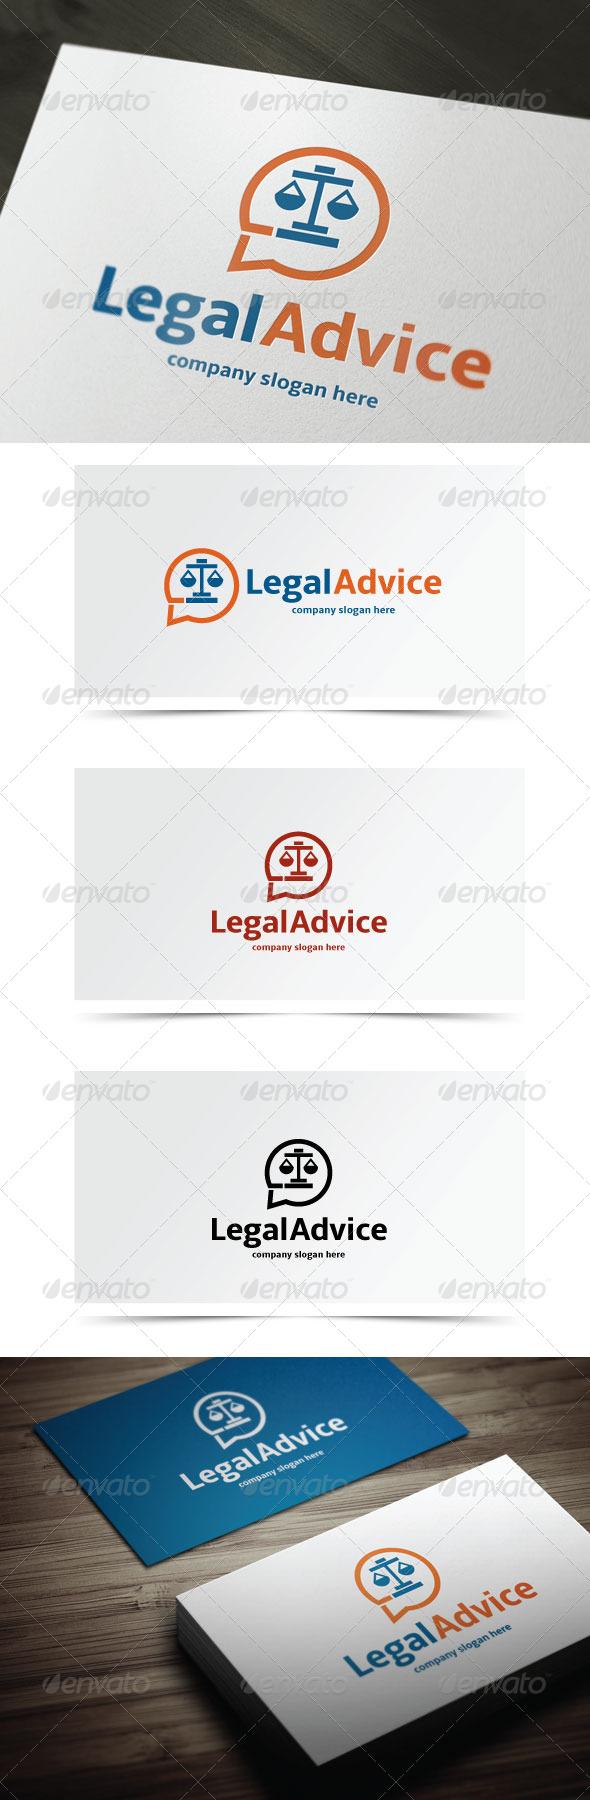 GraphicRiver Legal Advice 6147531